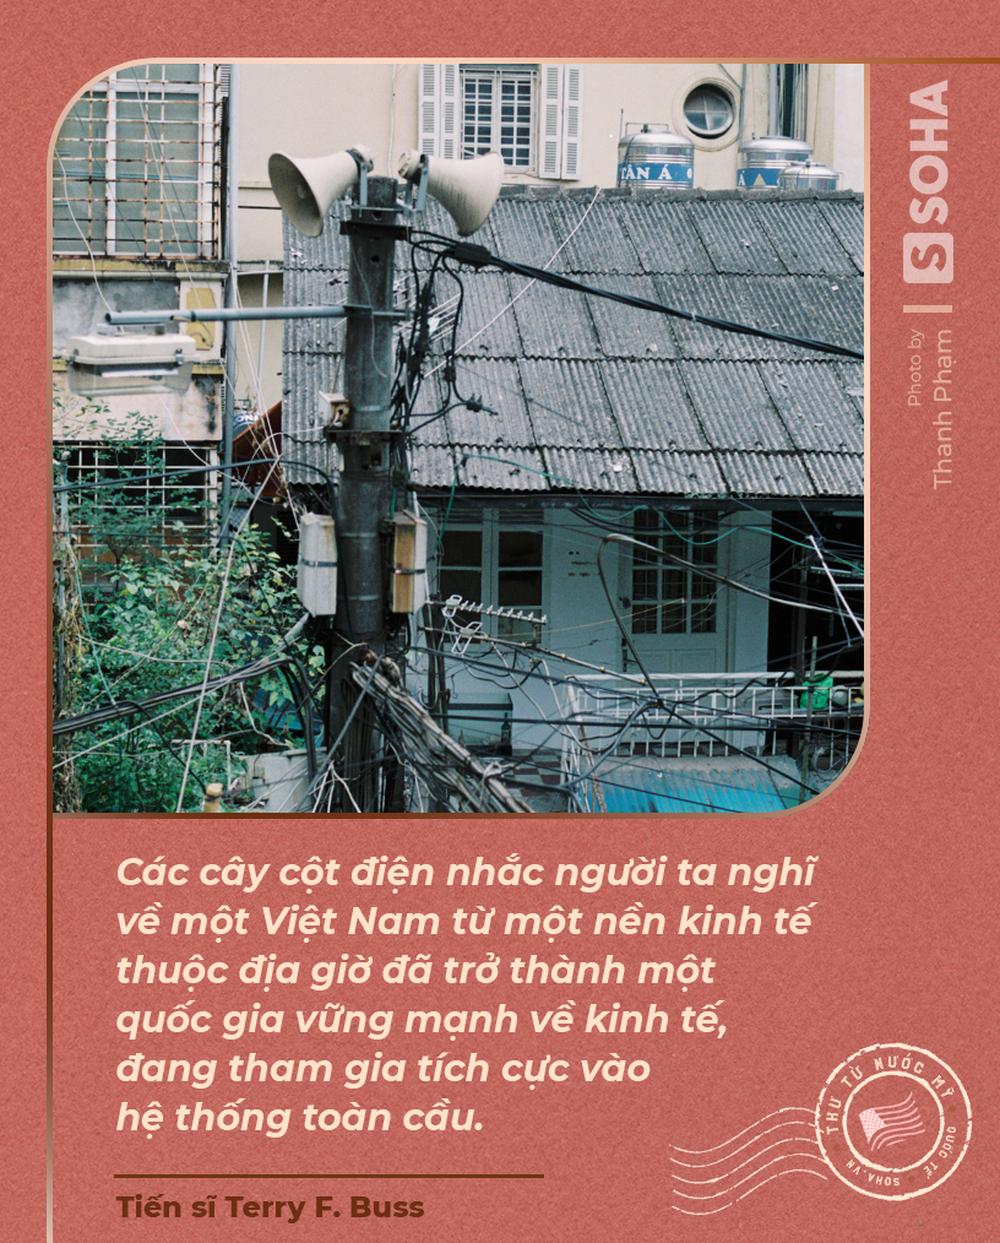 Thư từ nước Mỹ: Cột điện Hà Nội và chuyện phố cổ trong mắt một người Mỹ - ảnh 2